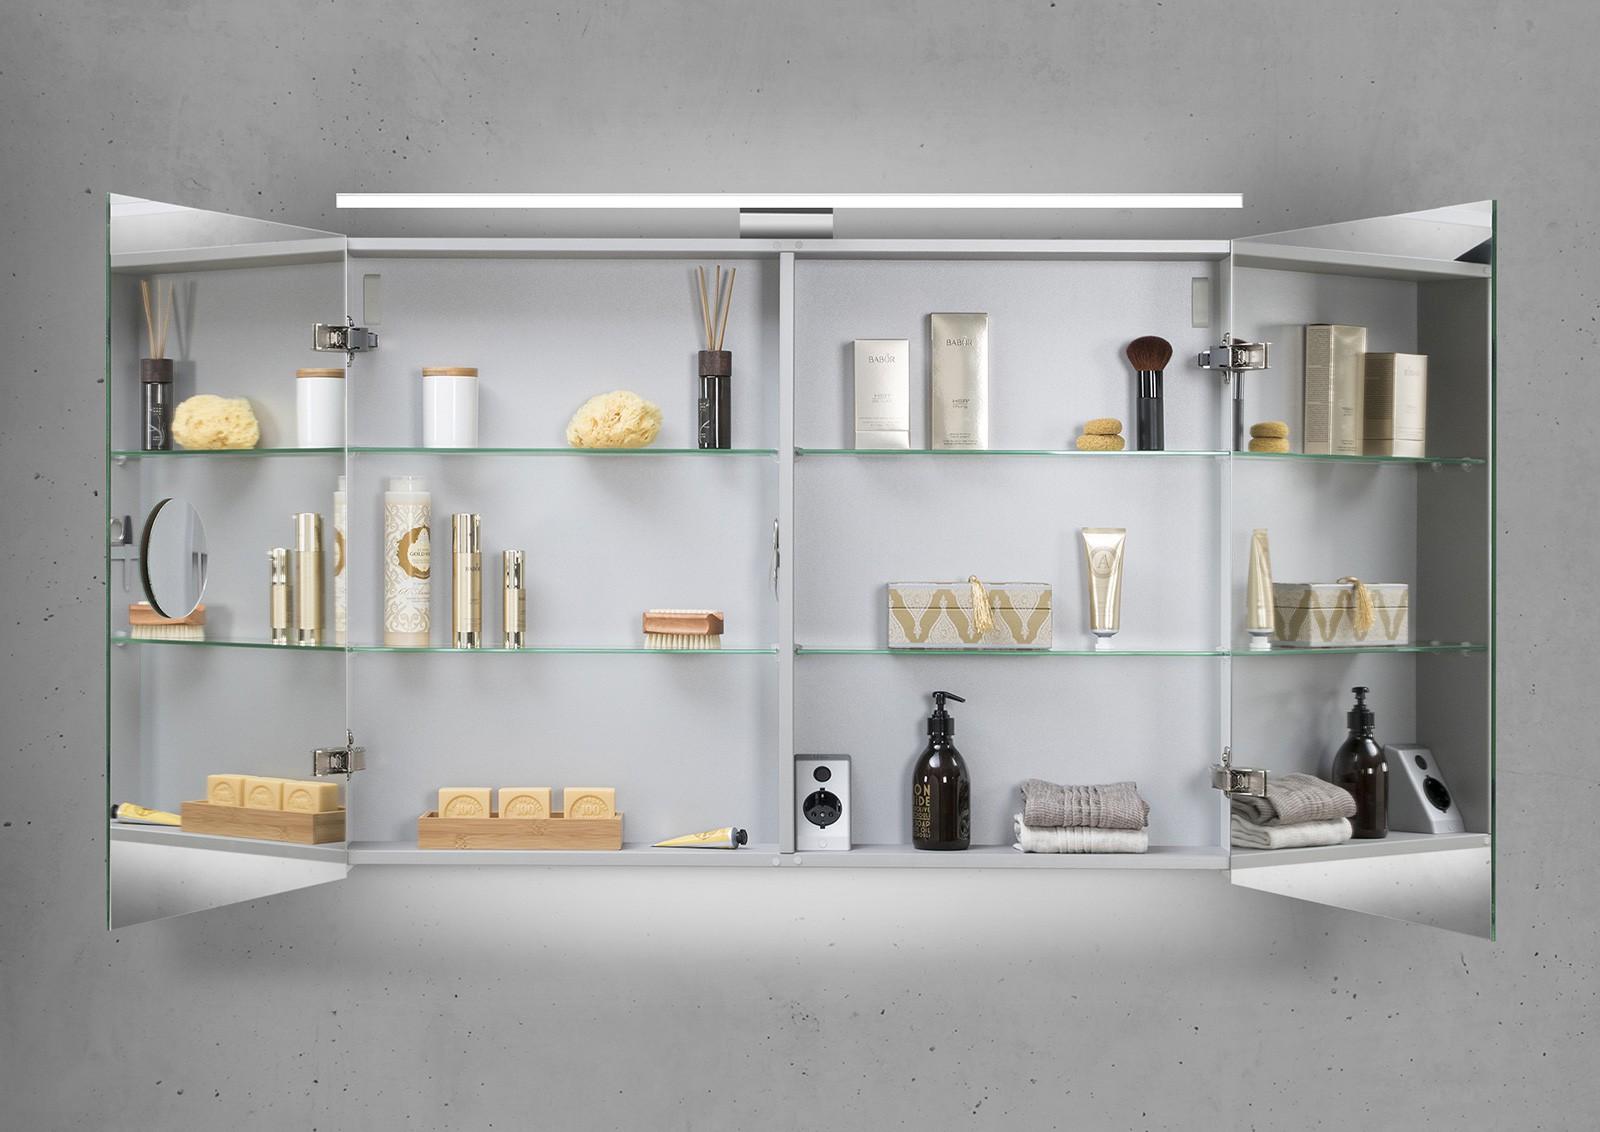 Design badezimmer spiegelschrank ~ Dayoop.com